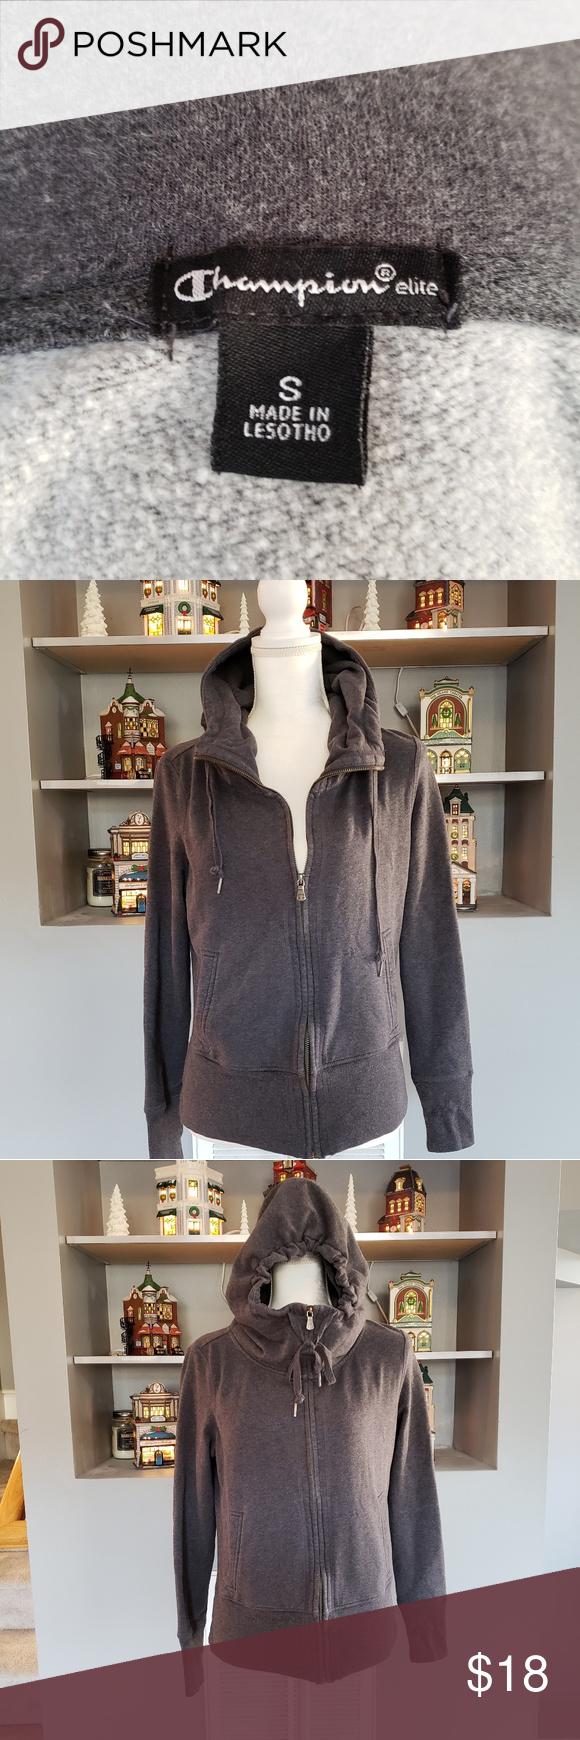 Champion Sweatshirt Hoodie Zip Up Small Champion Sweatshirt Sweatshirts Hoodie Clothes Design [ 1740 x 580 Pixel ]